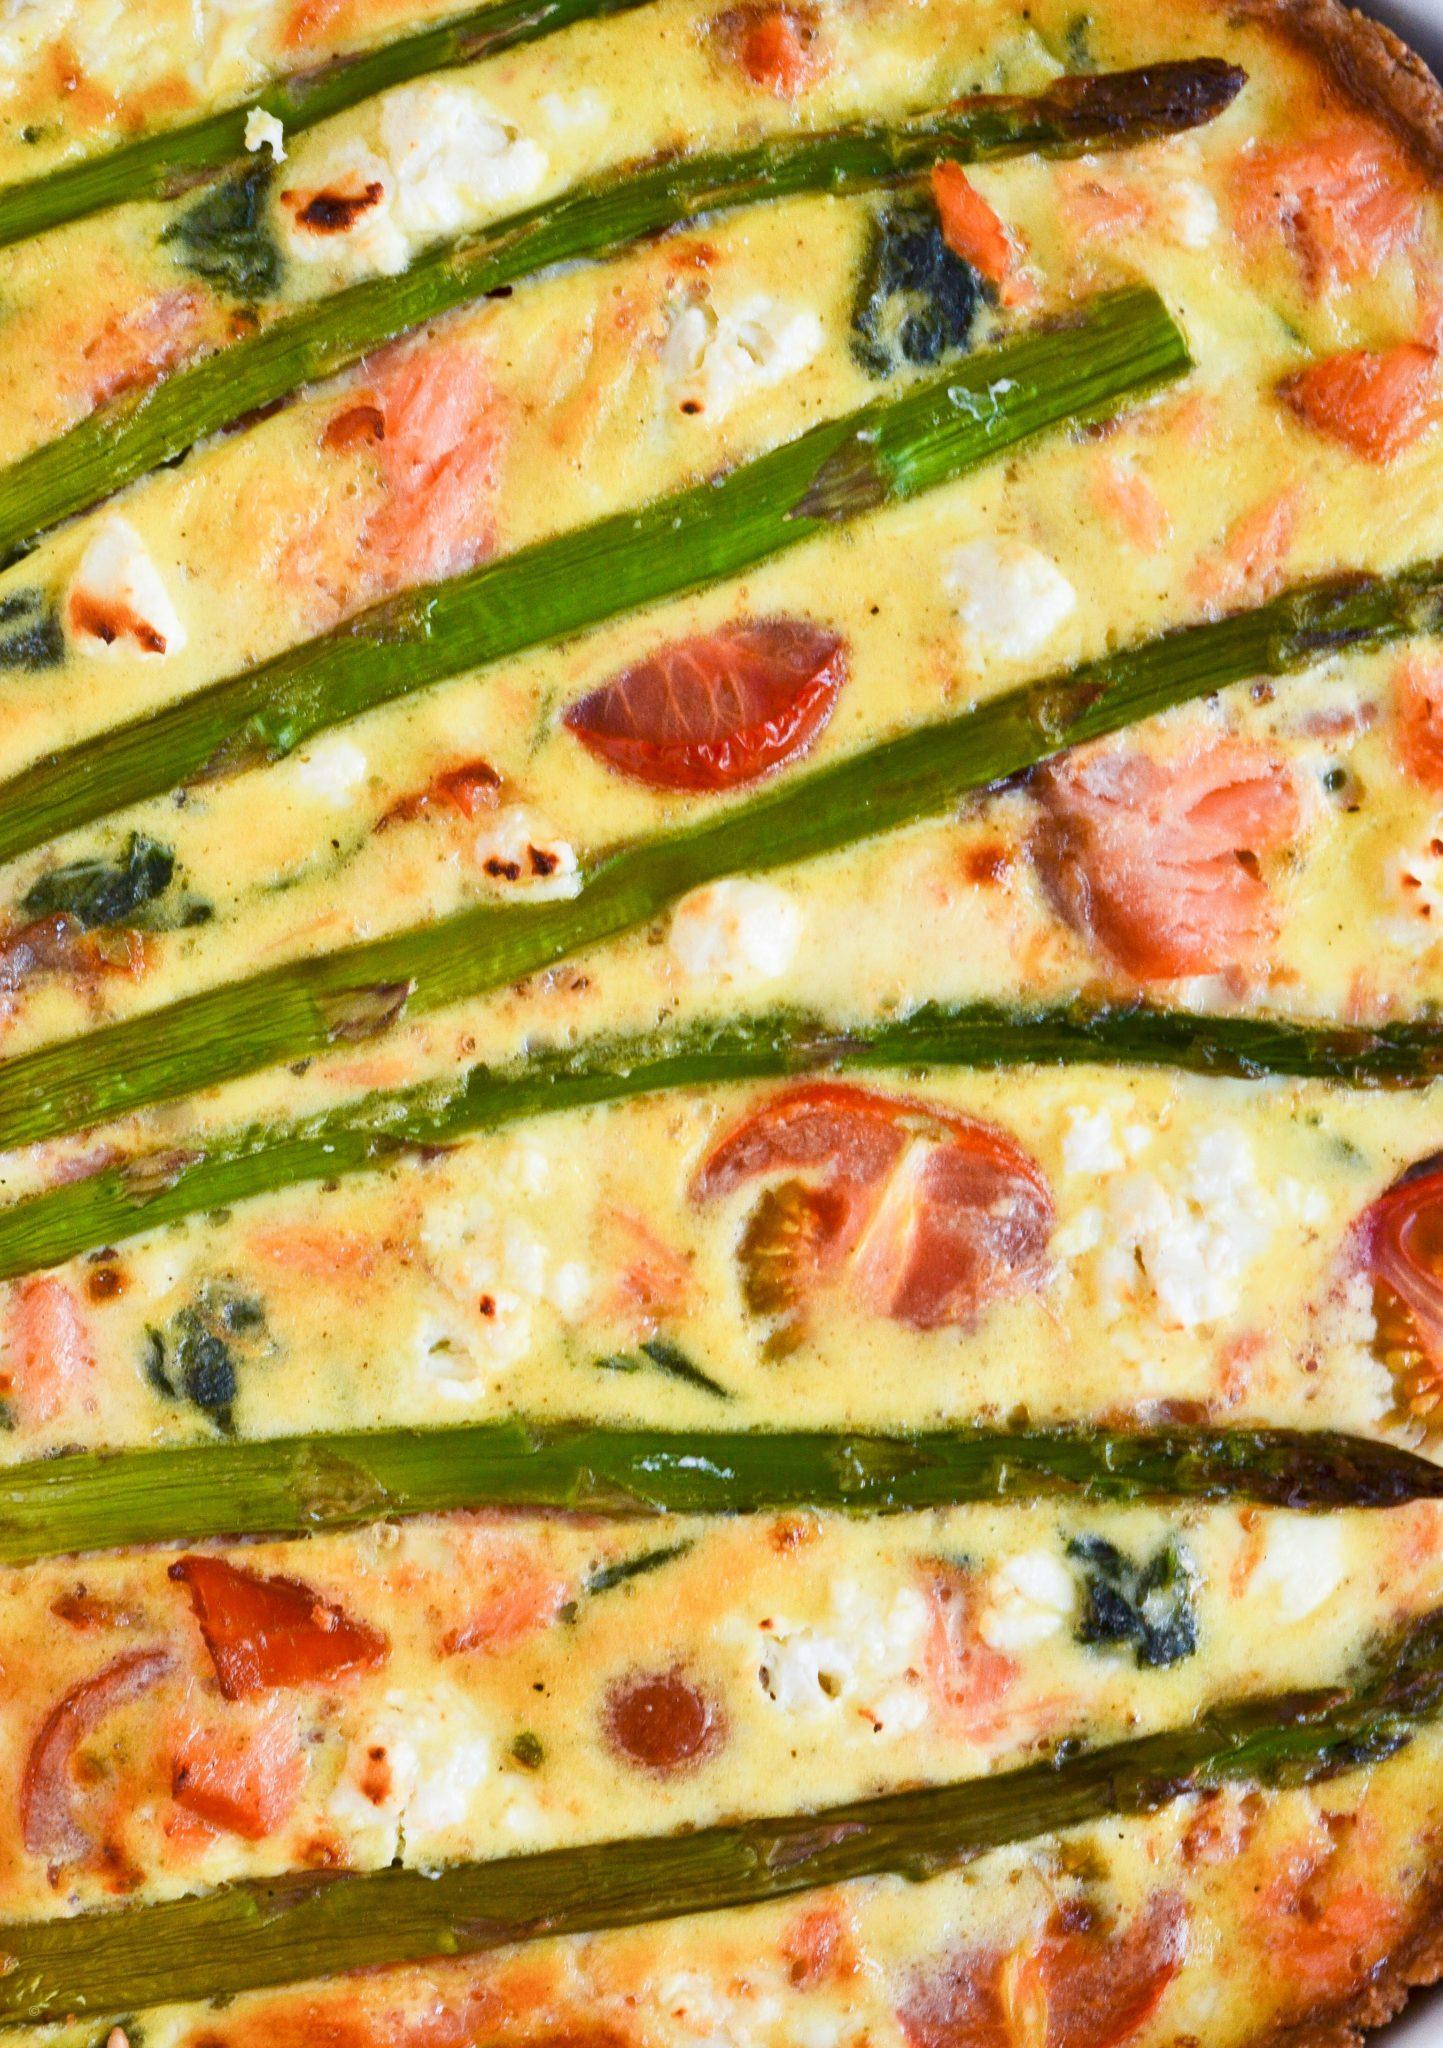 grov laksetaerte med spinat og feta asparges tomat brunchtaerte